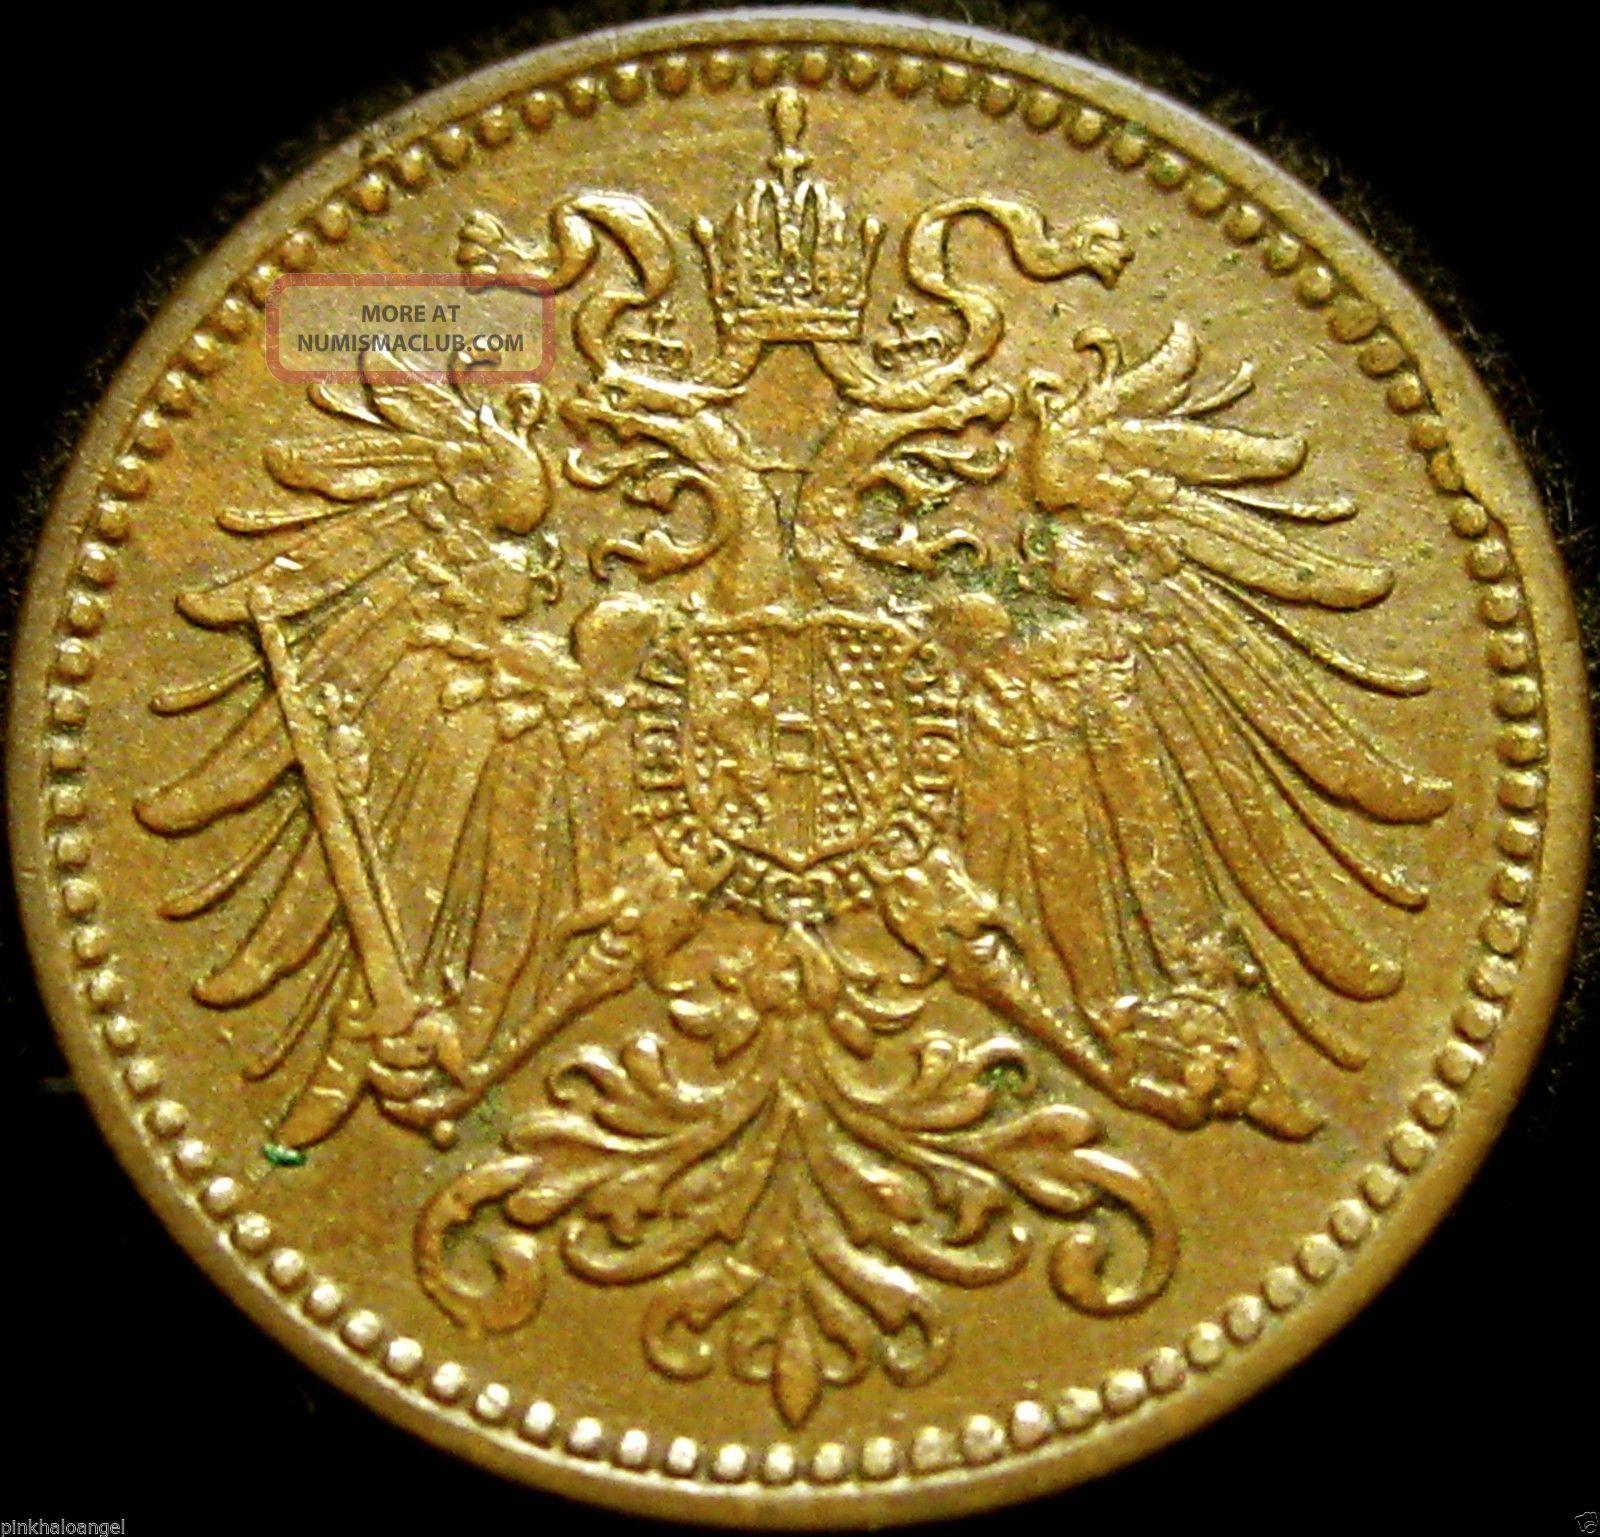 Austria - Austro - Hungarian Empire - Austrian 1912 Heller Coin Rare Europe photo